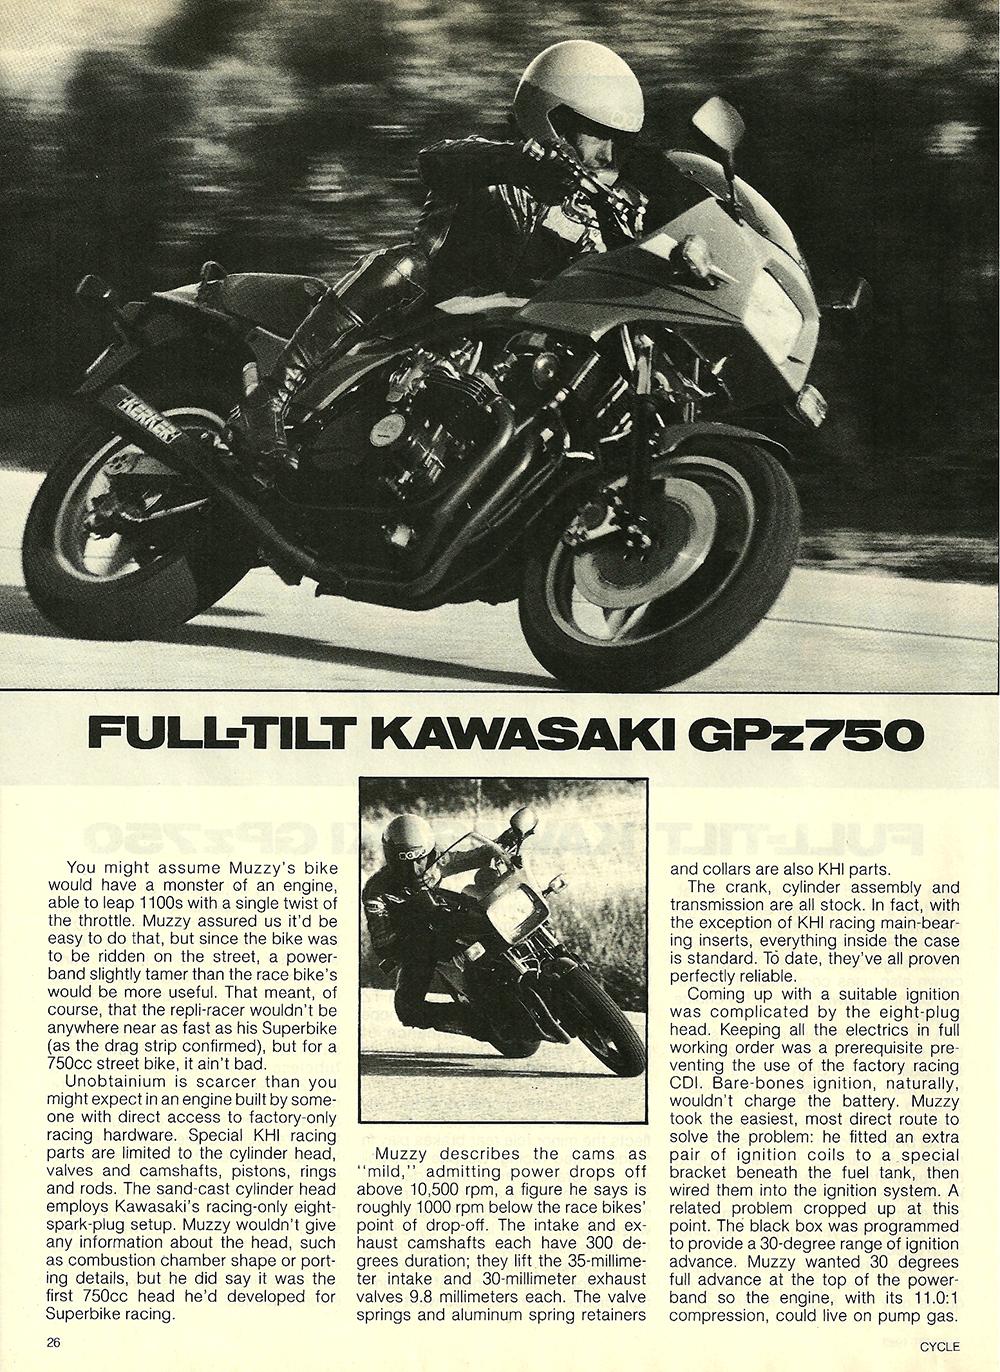 1983 Kawasaki GPz 750 full tilt test 4.jpg